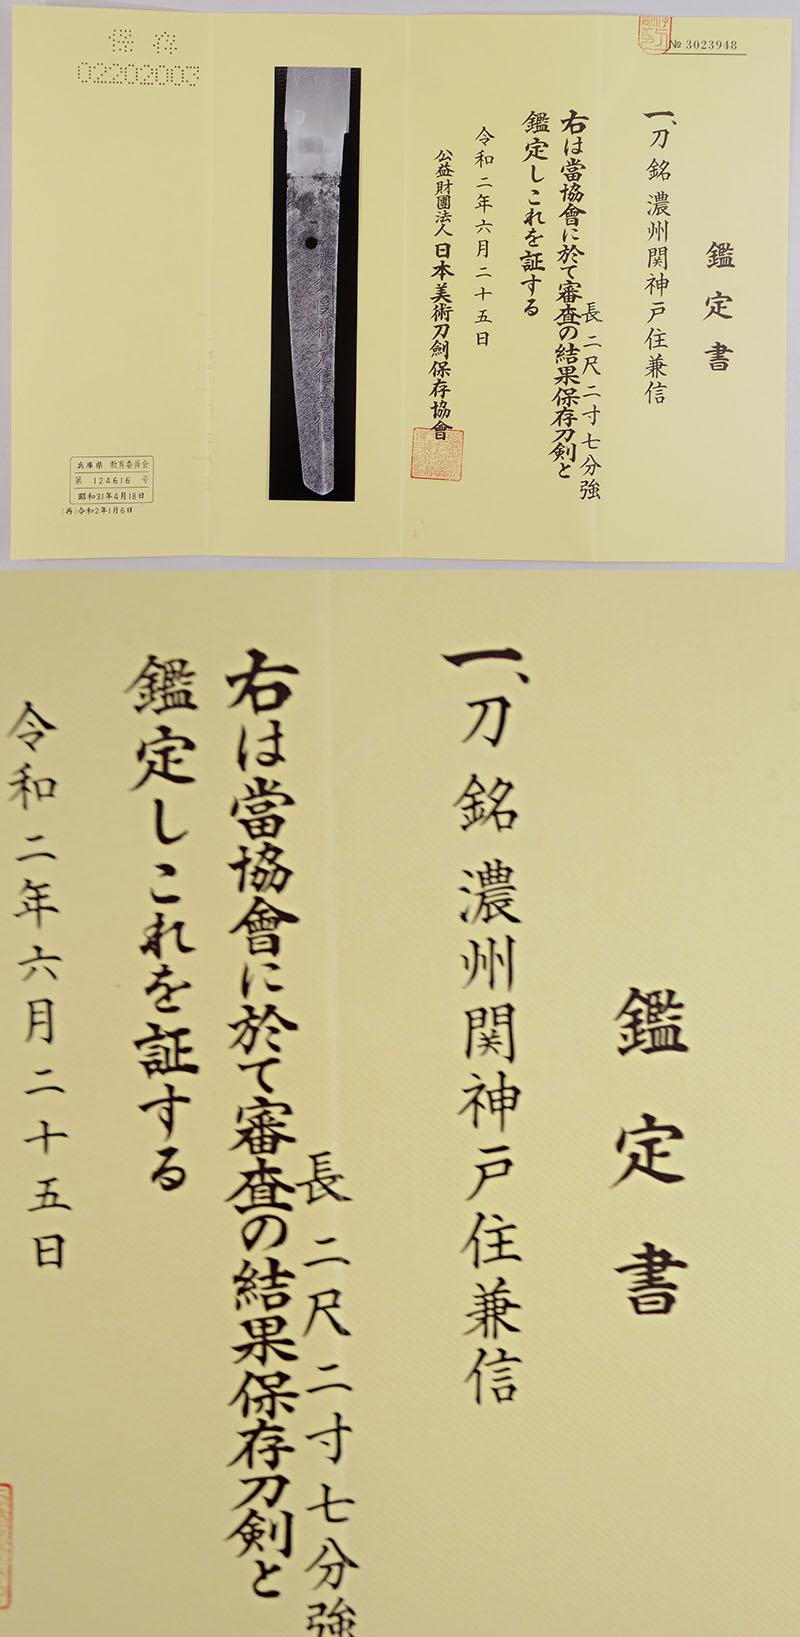 刀 農州関神戸住兼信 Picture of Certificate